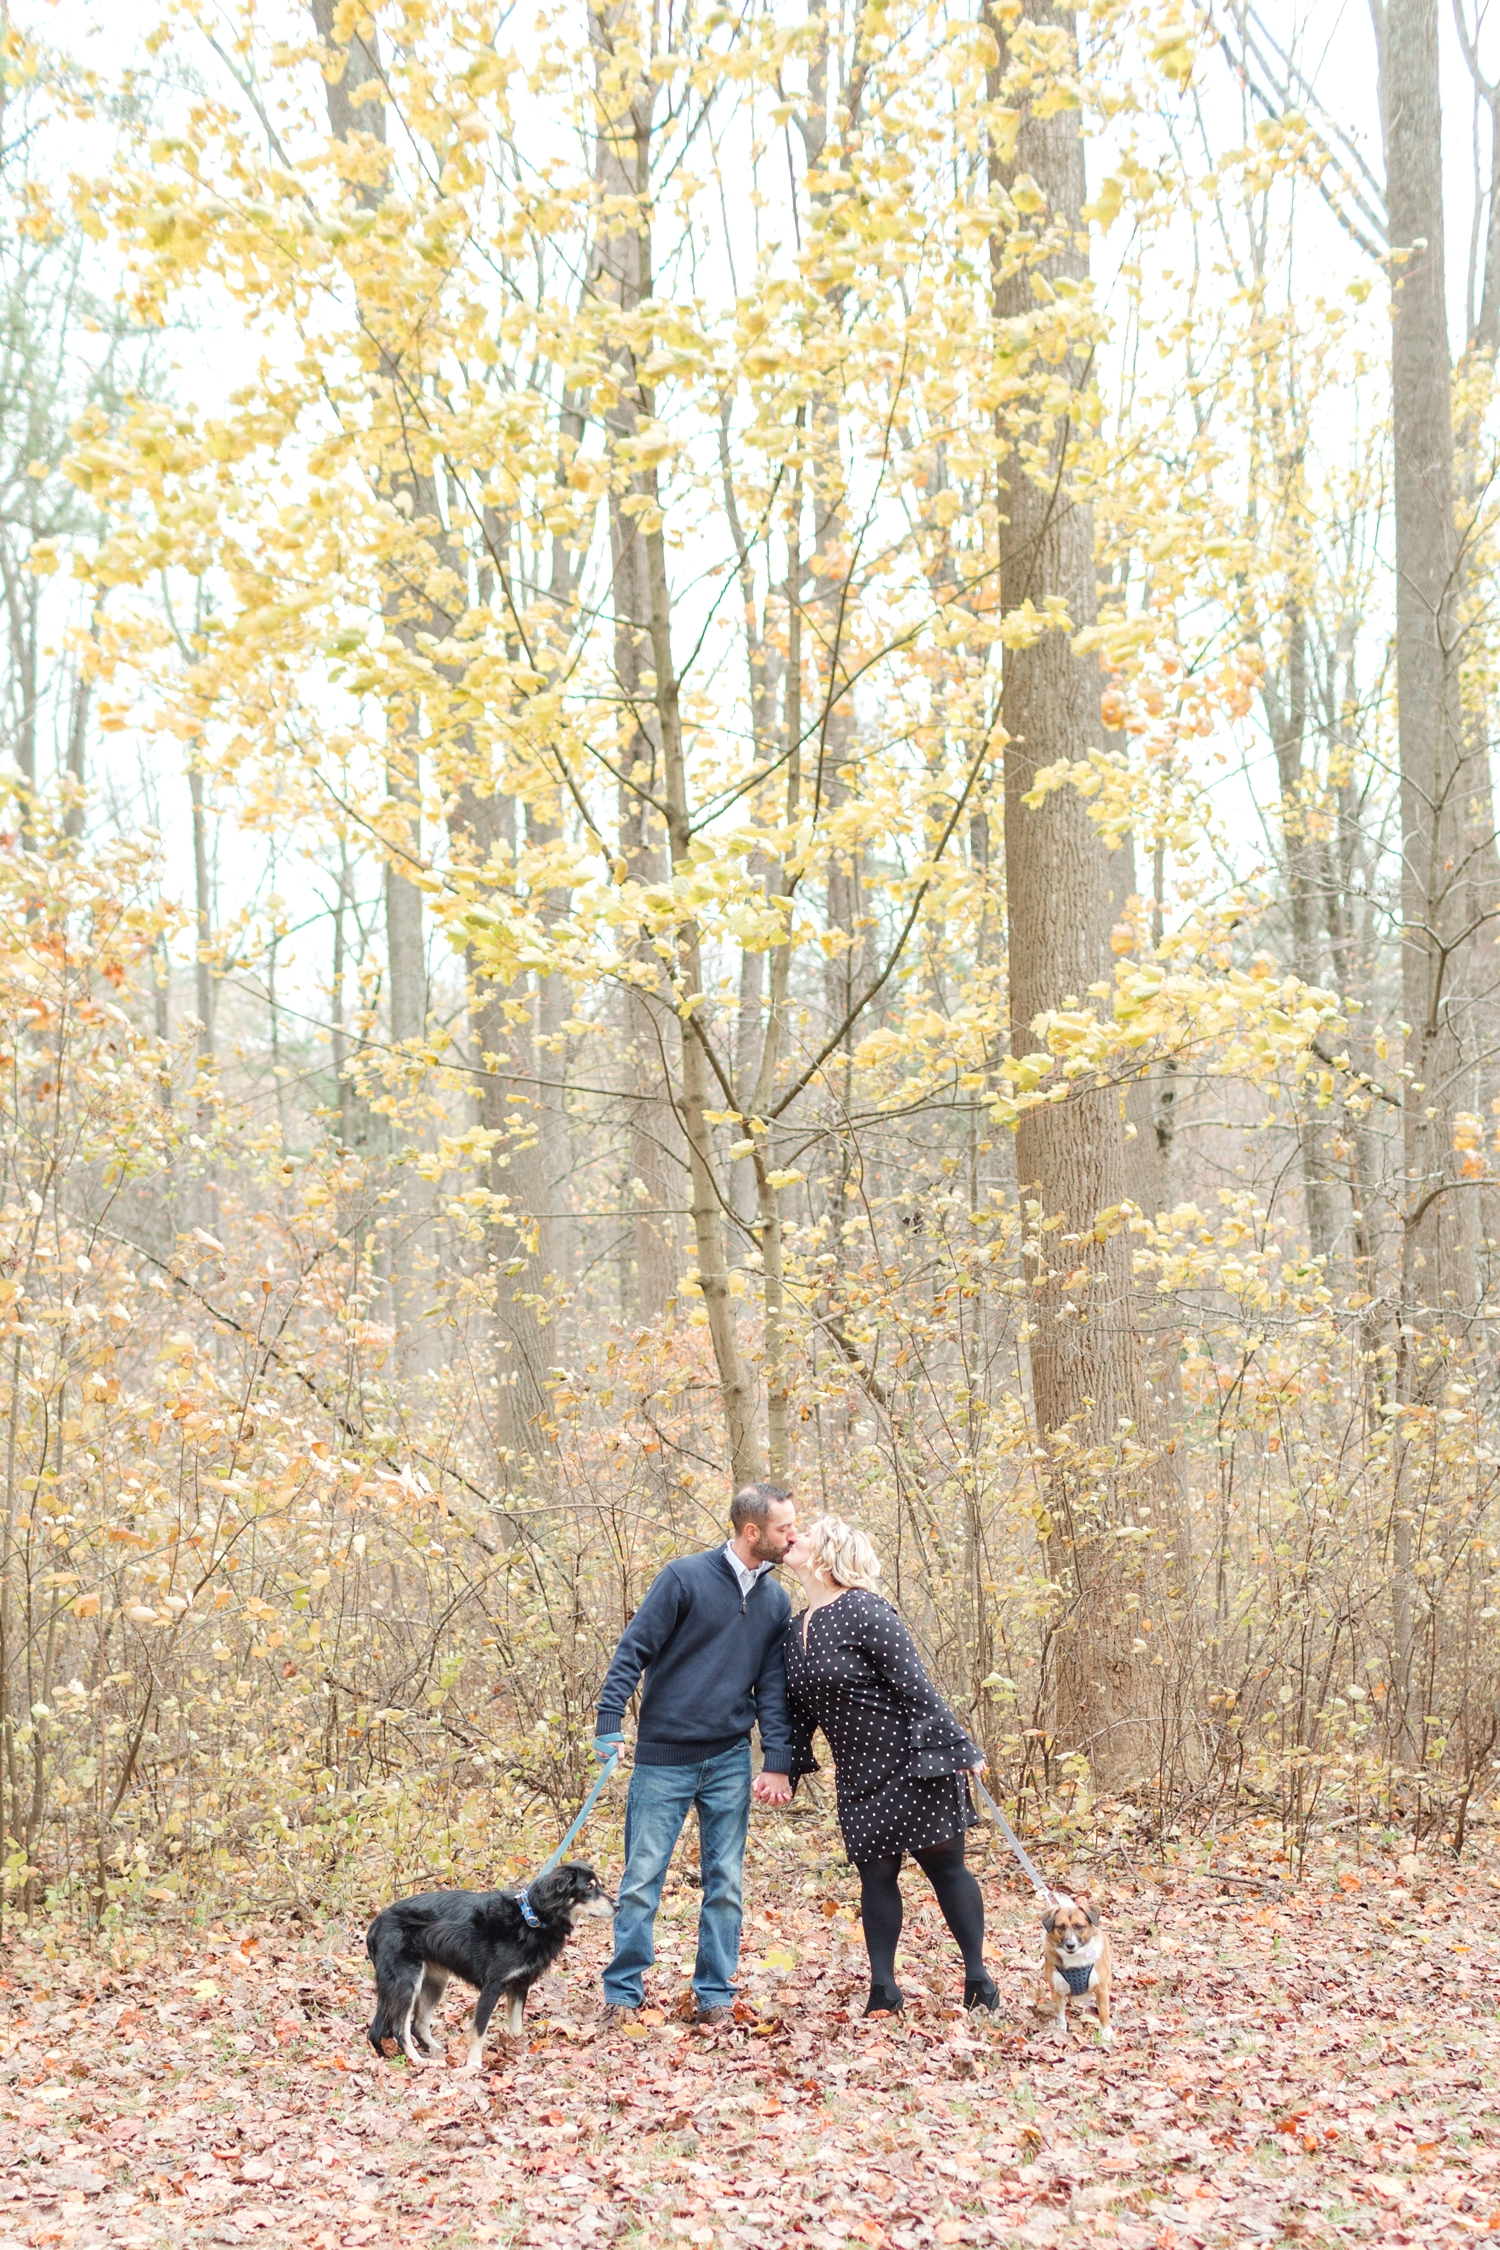 Emily Kordish & John Winkler Engagement-62_maryland-and-virginia-engagement-photographer-anna-grace-photography-photo.jpg